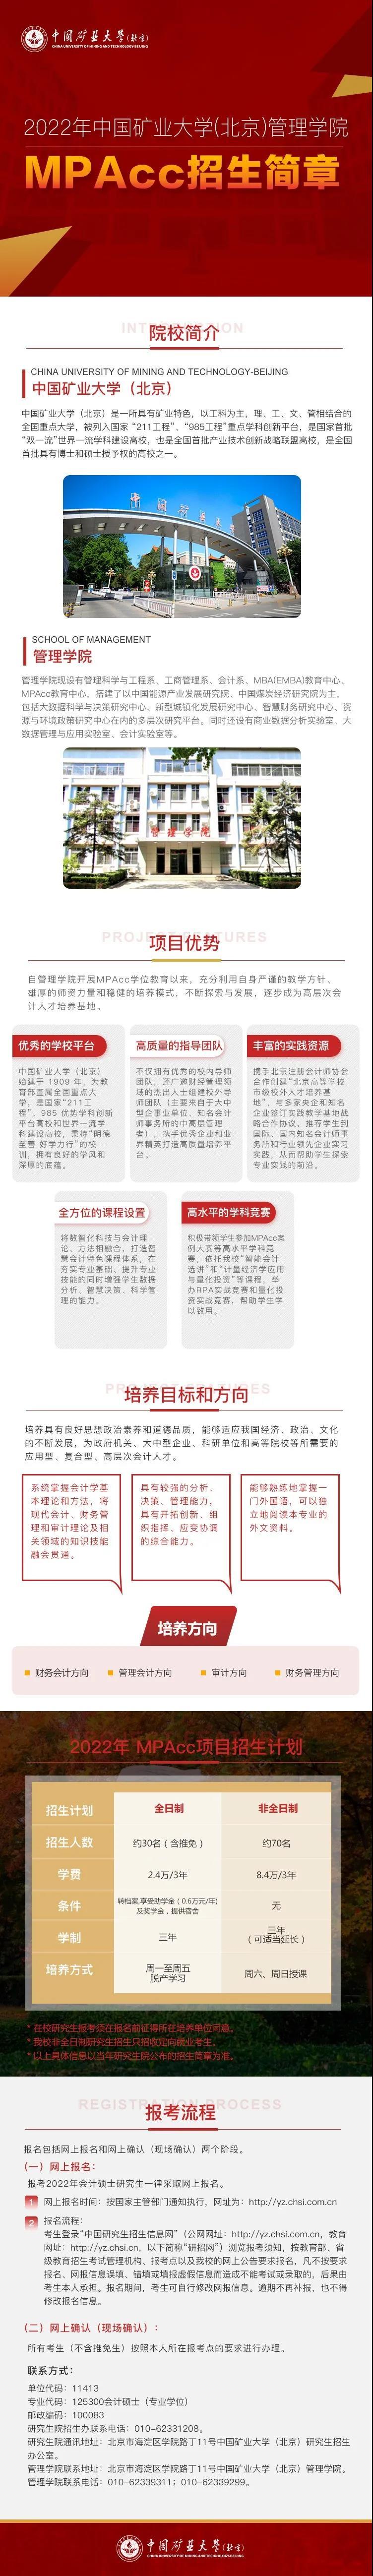 2022年中国矿业大学(北京)会计硕士MPAcc招生简章